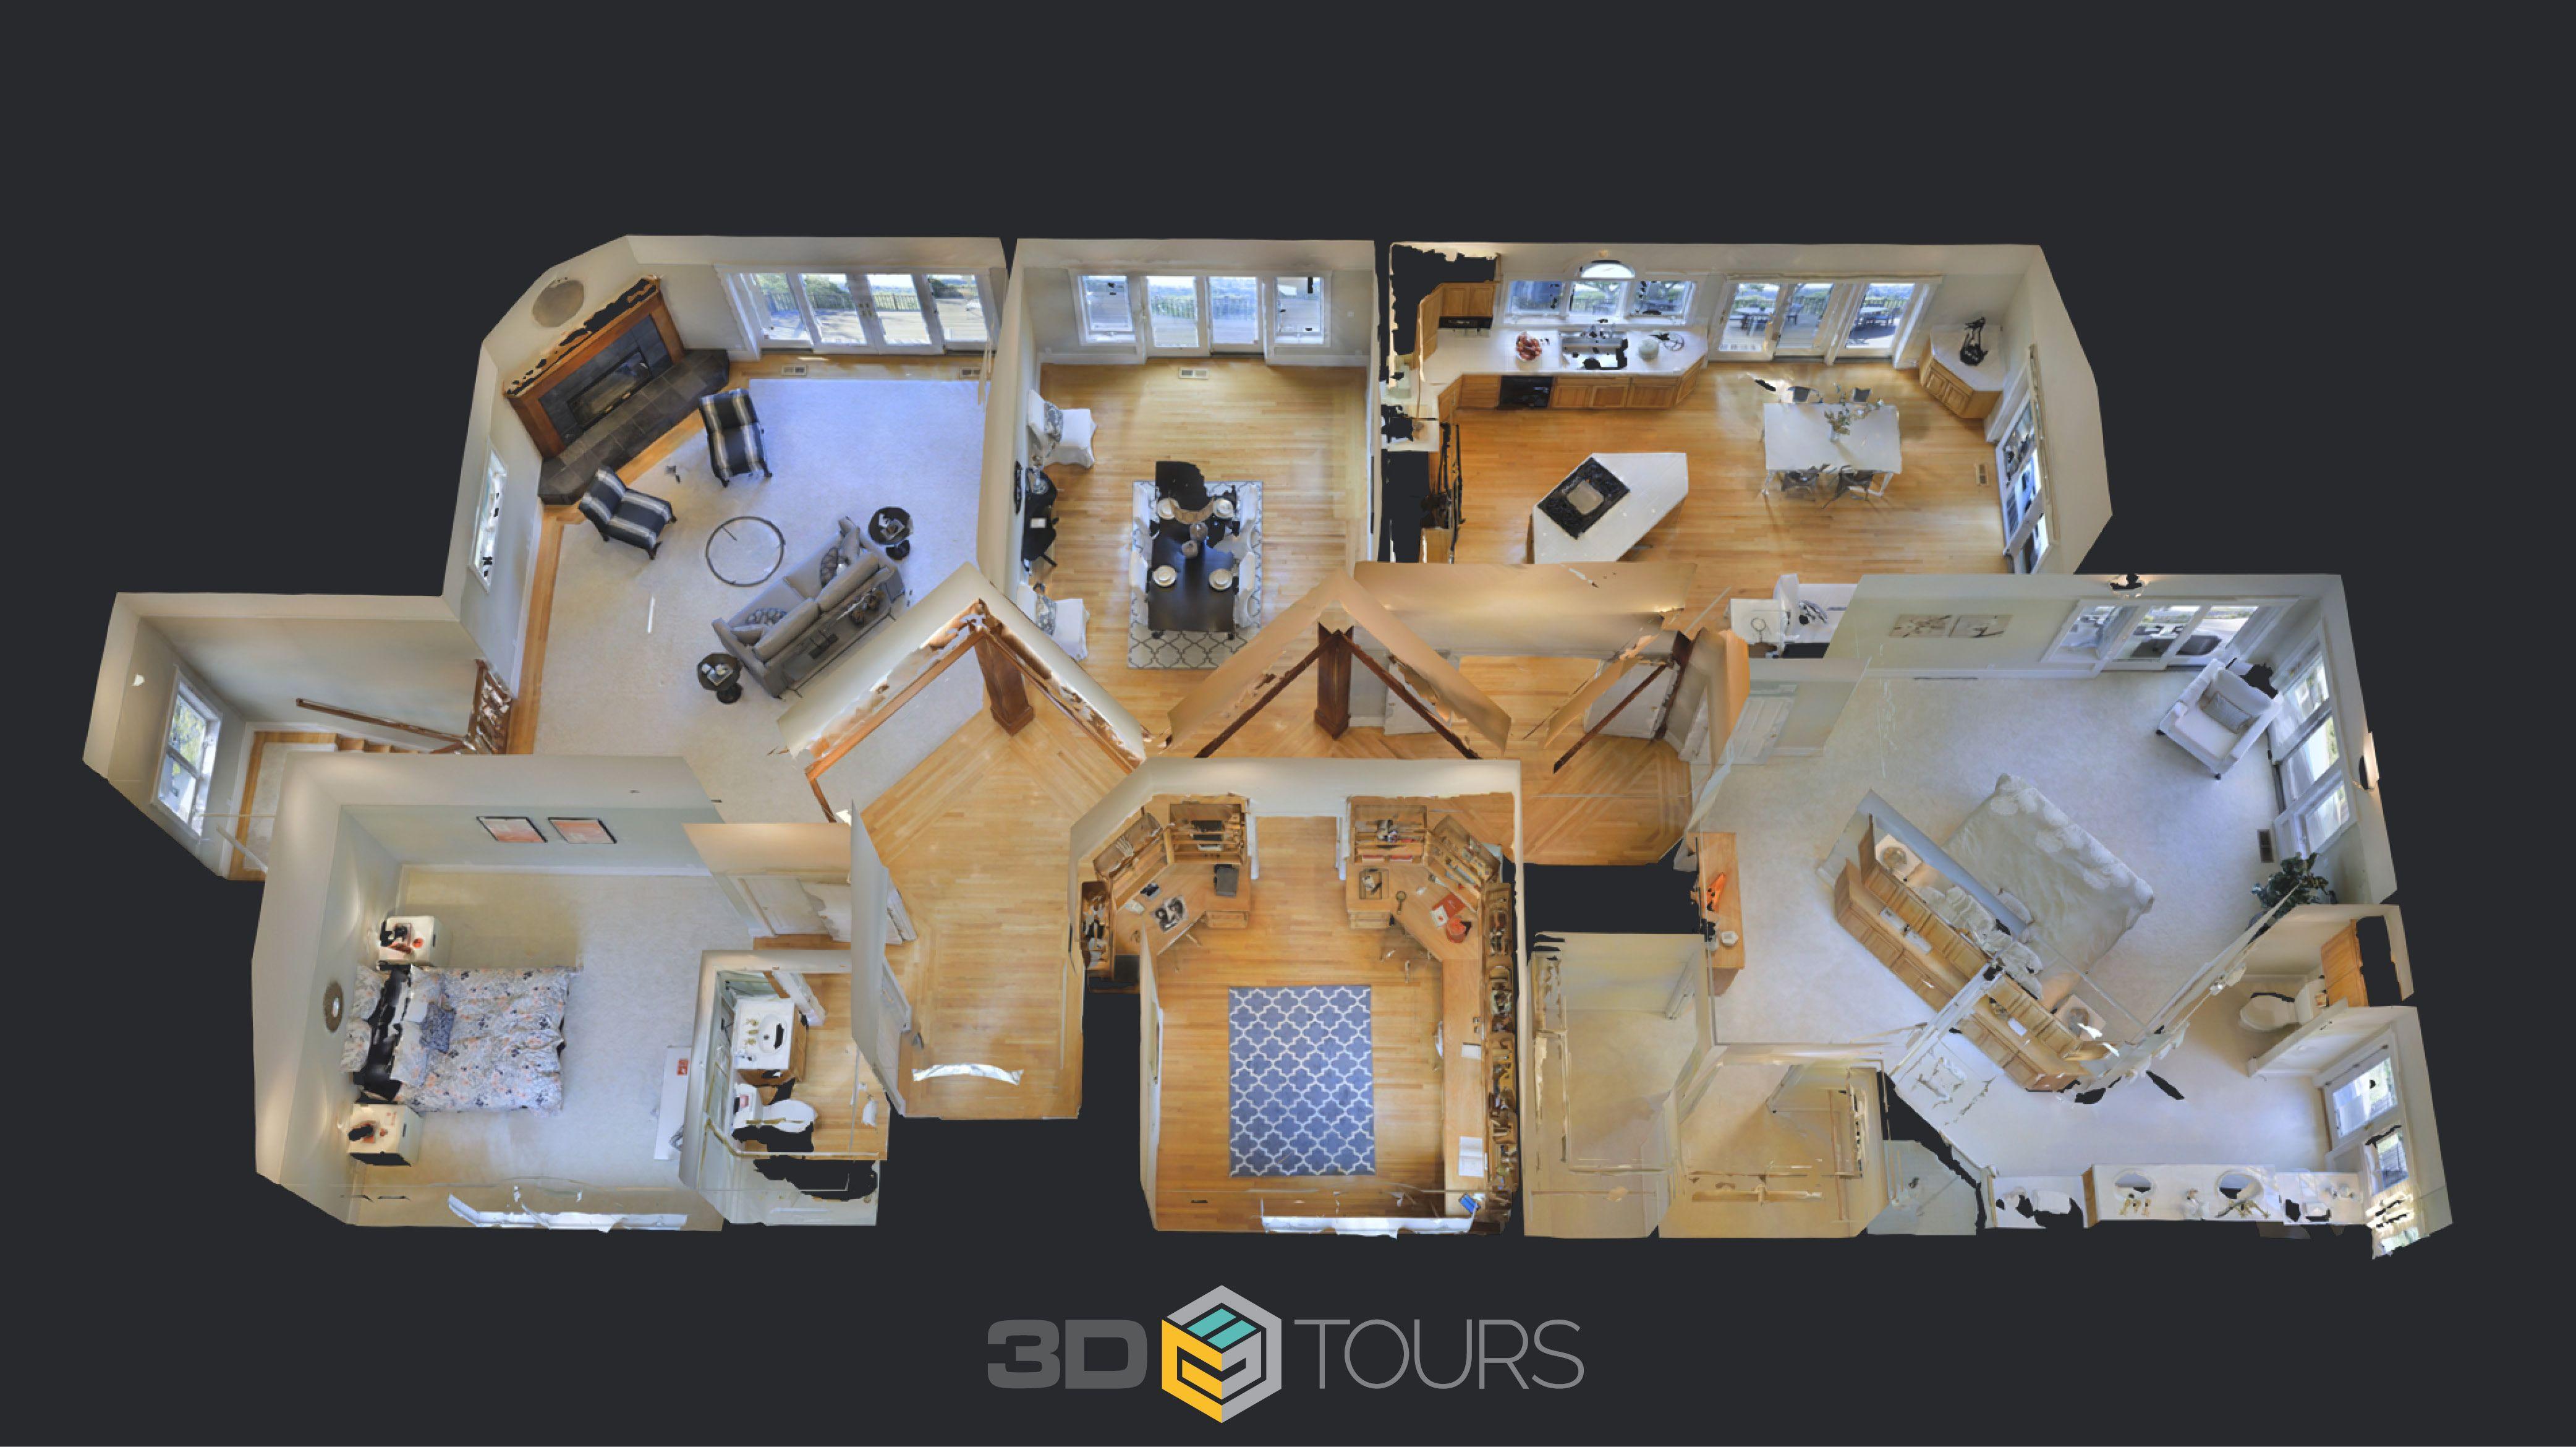 3D Tours News